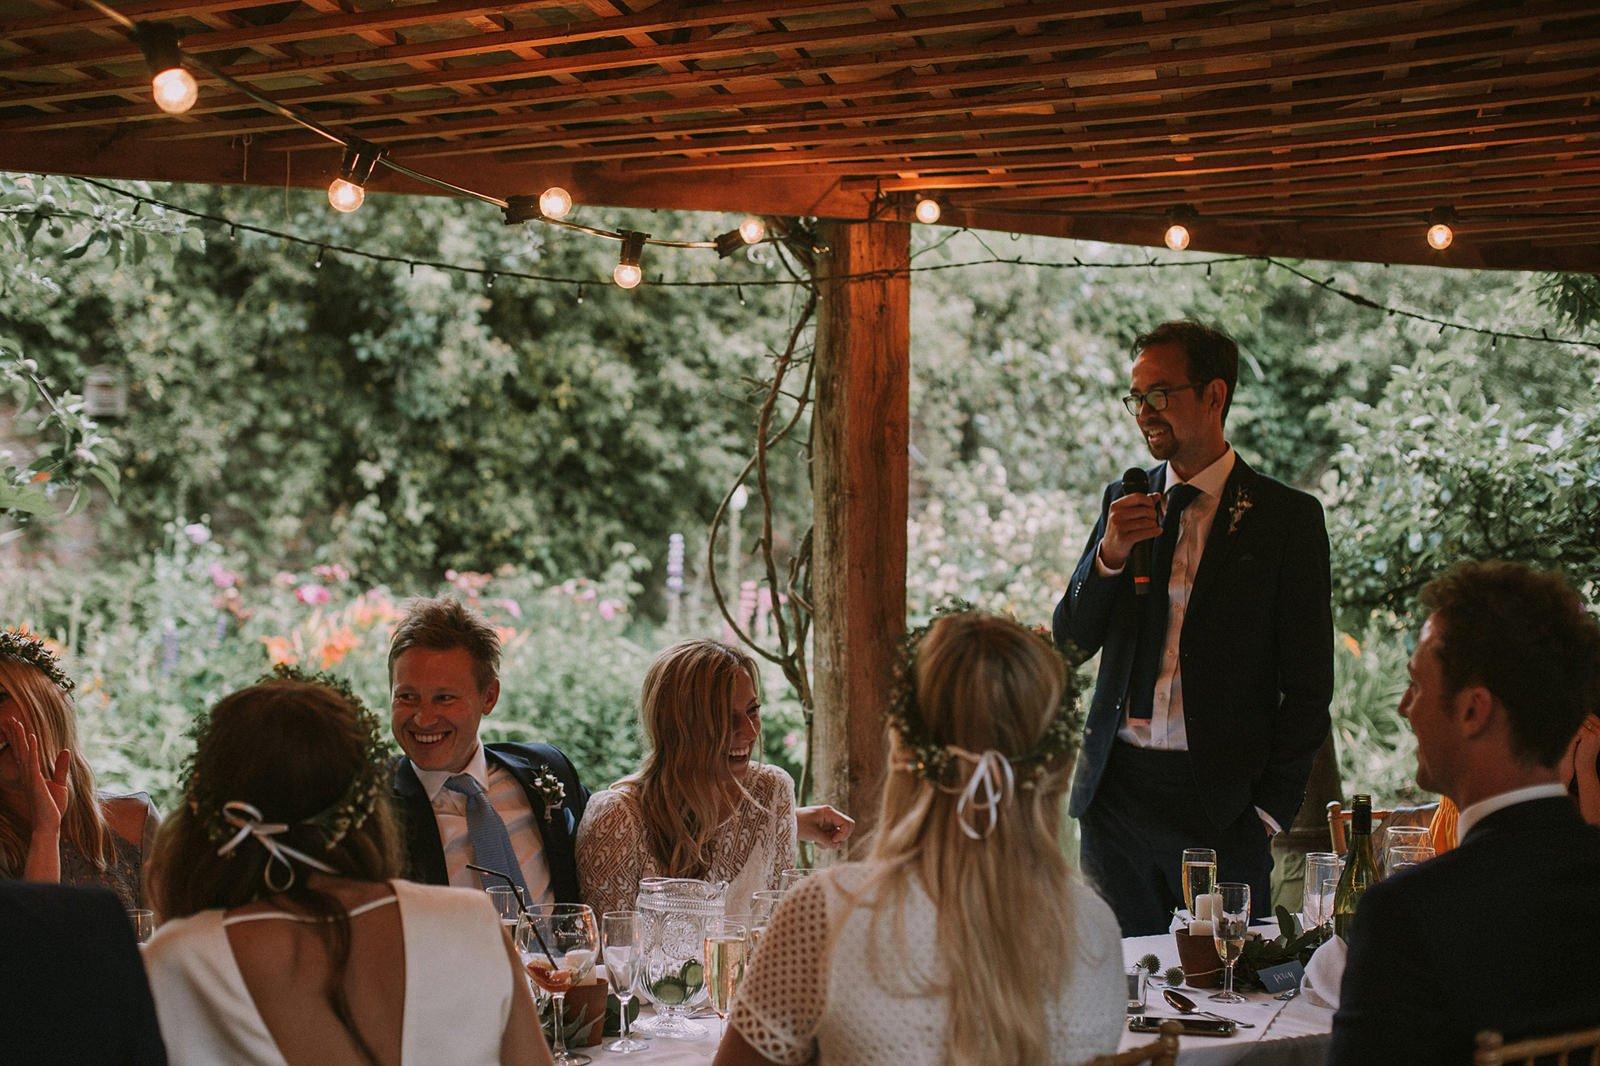 maunsel house wedding photos natural